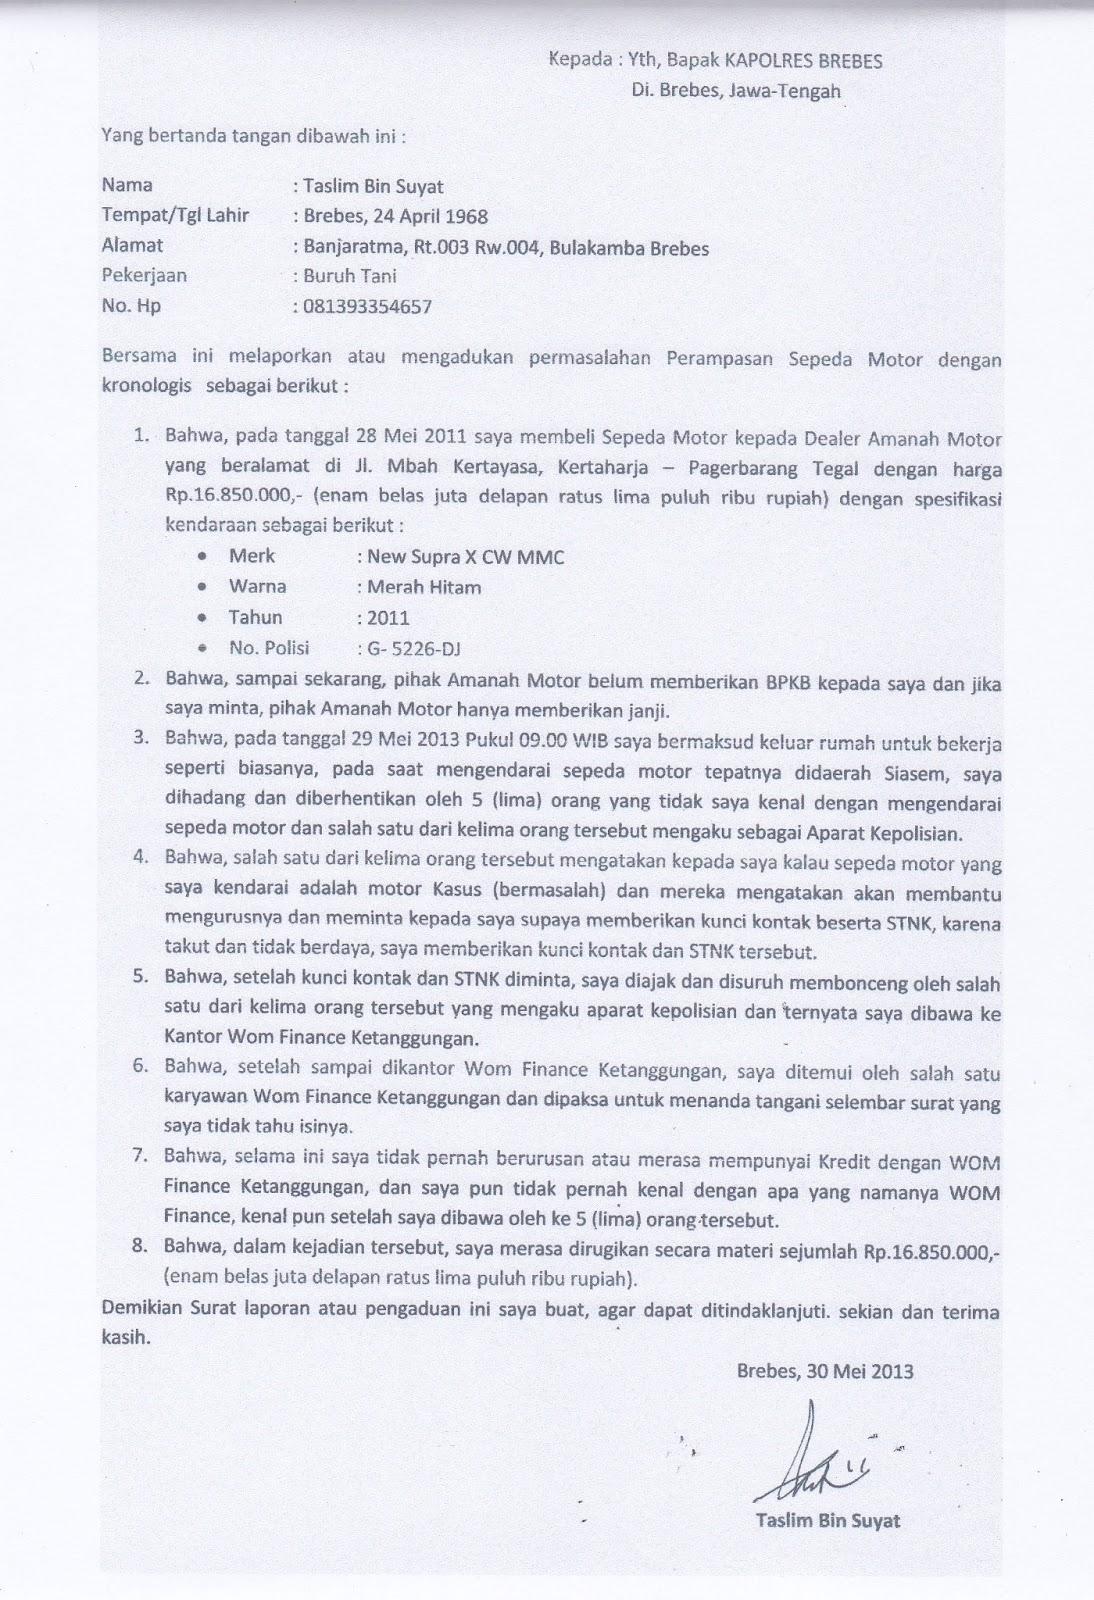 Contoh Surat Laporan Pengaduan Ke Polisi Tentang Pencemaran Nama Baik Kumpulan Contoh Laporan